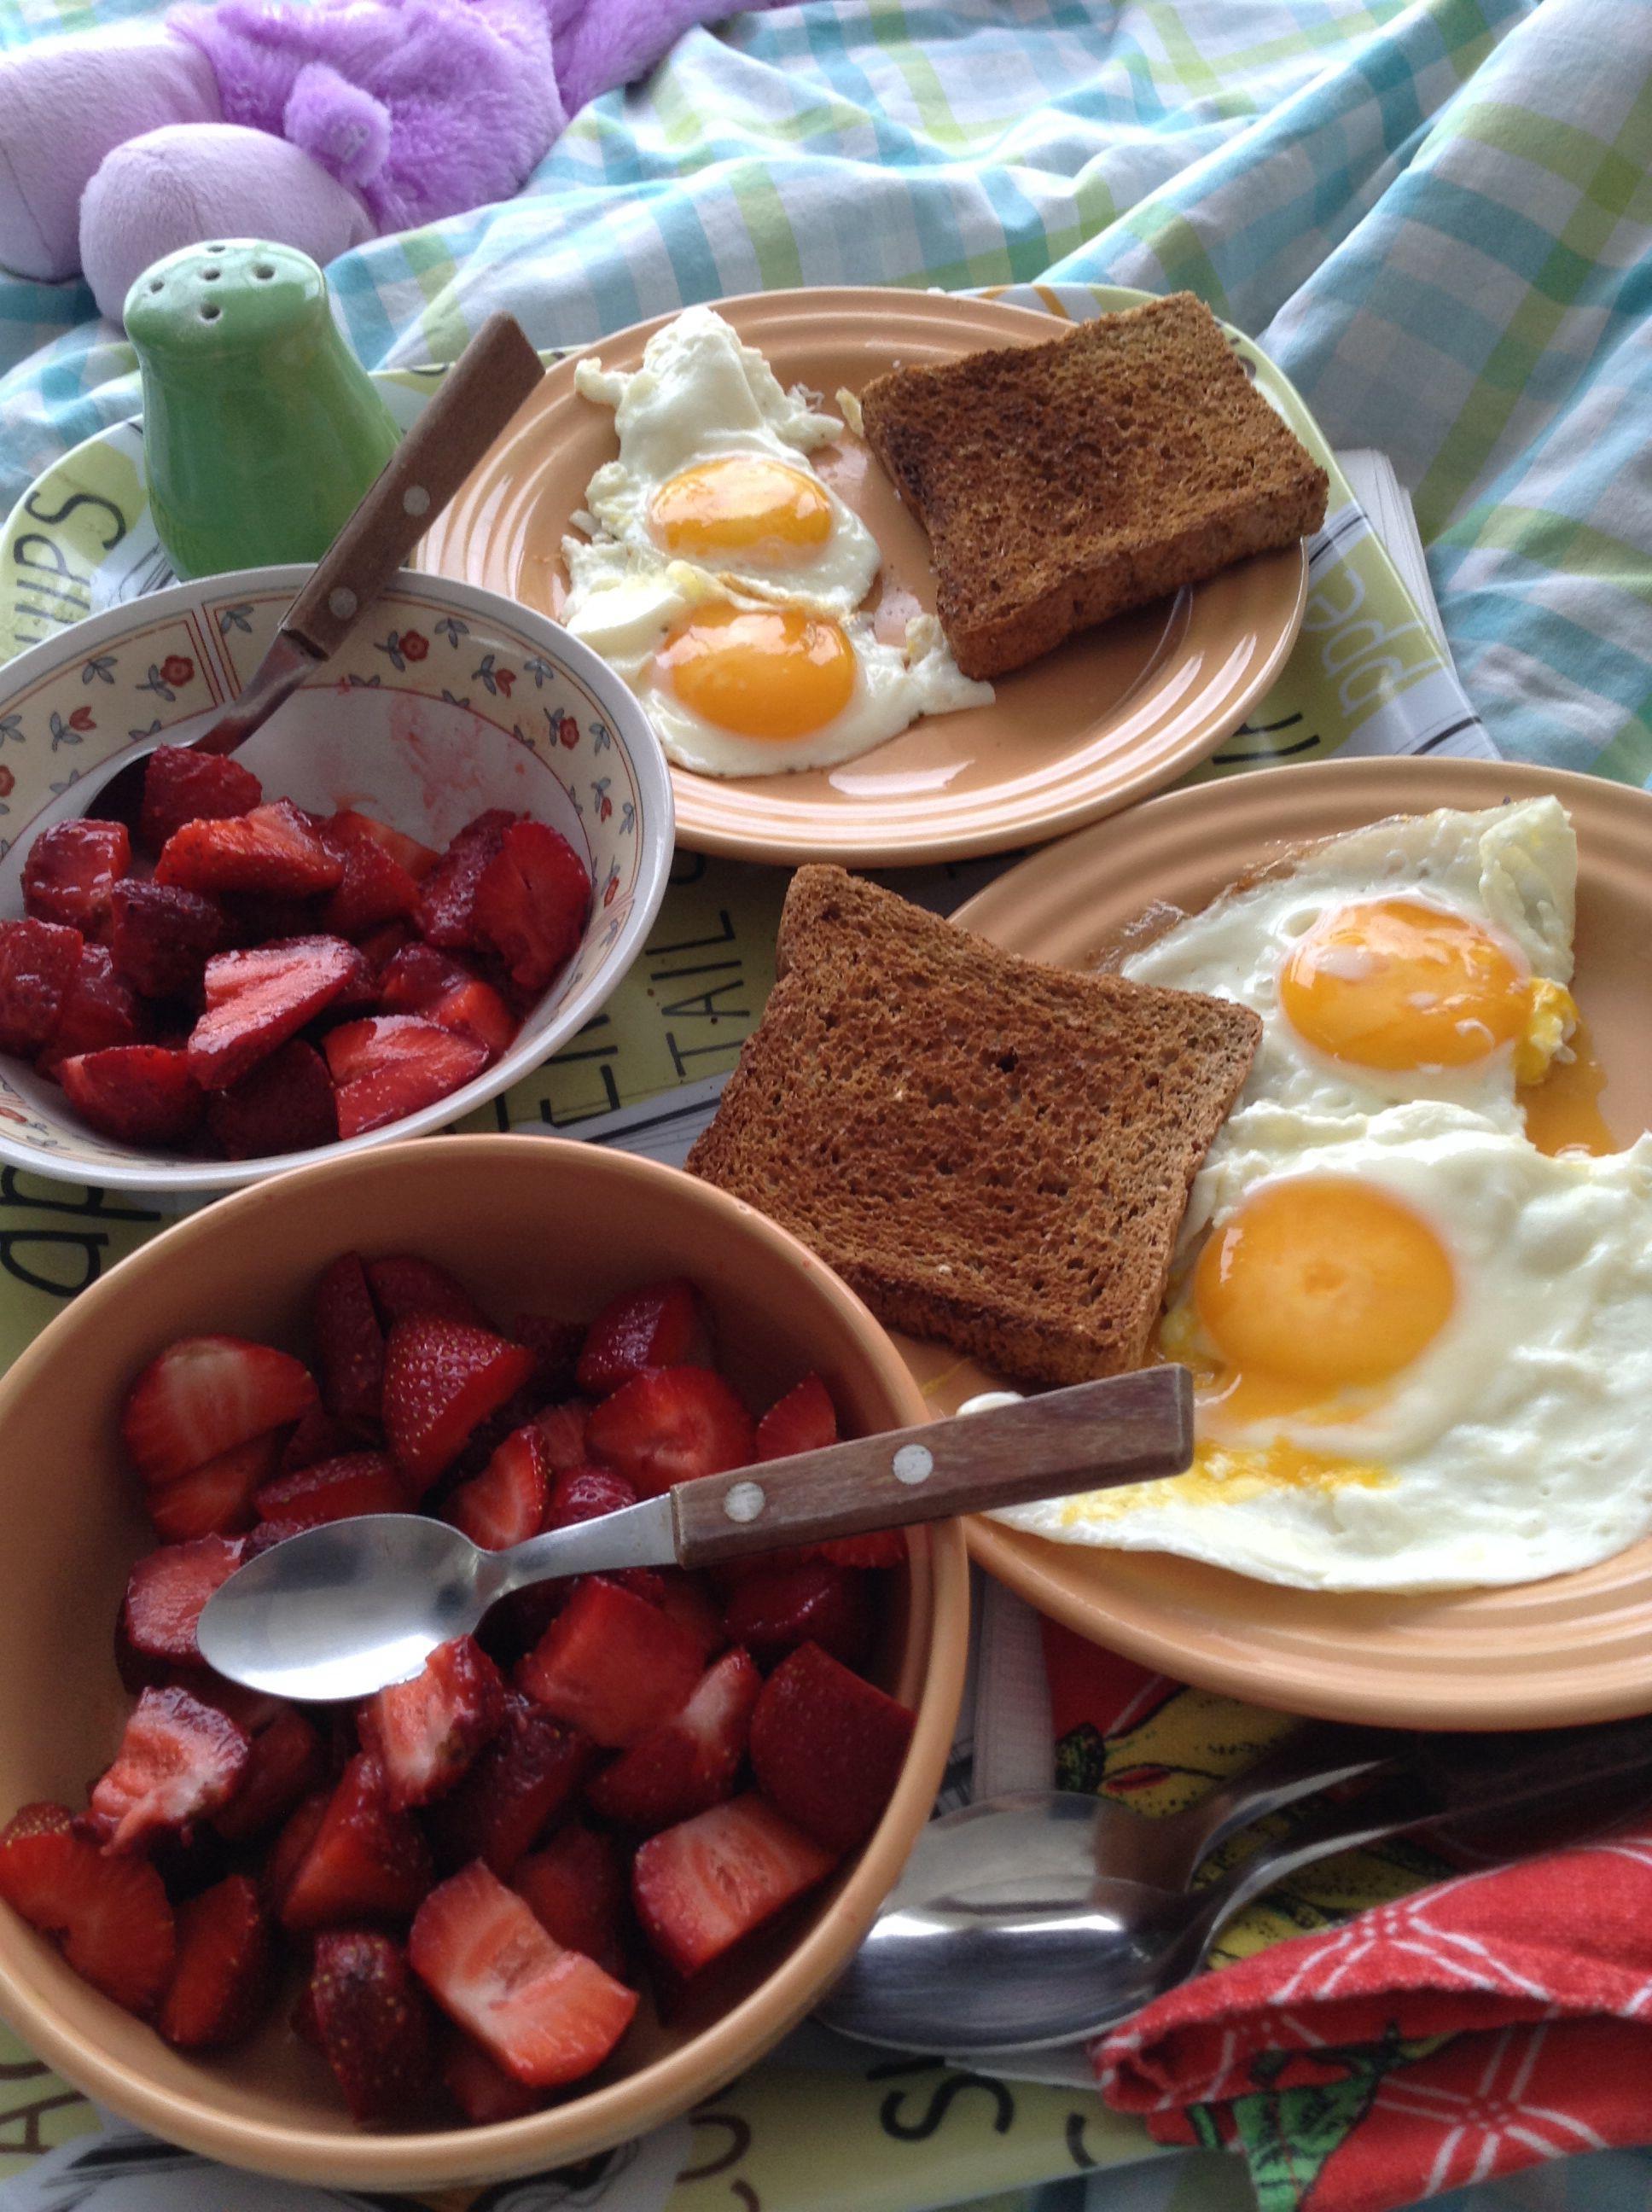 Mi marido preparó desayuno y me lo trajo a la cama